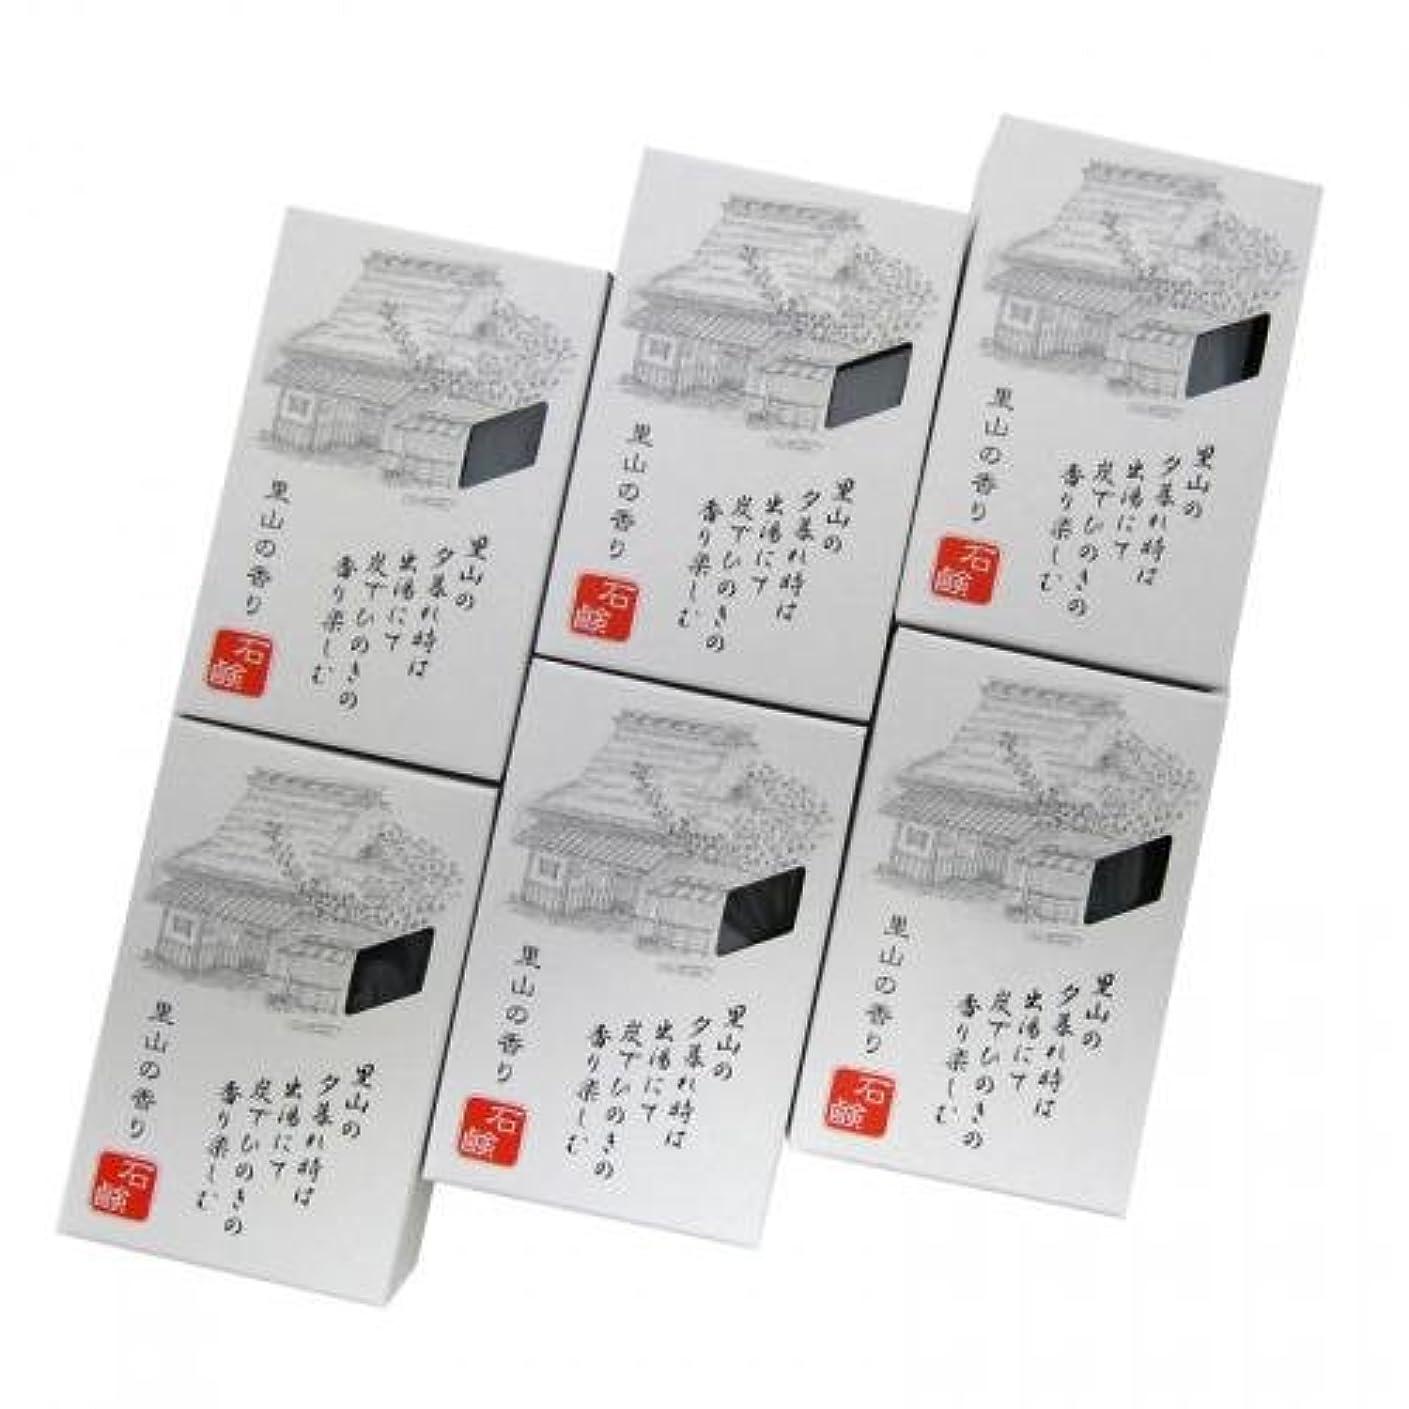 起訴する恥ずかしさ慈善ROTTS 里山の香り石鹸 100g 【6個セット】 iwasaya